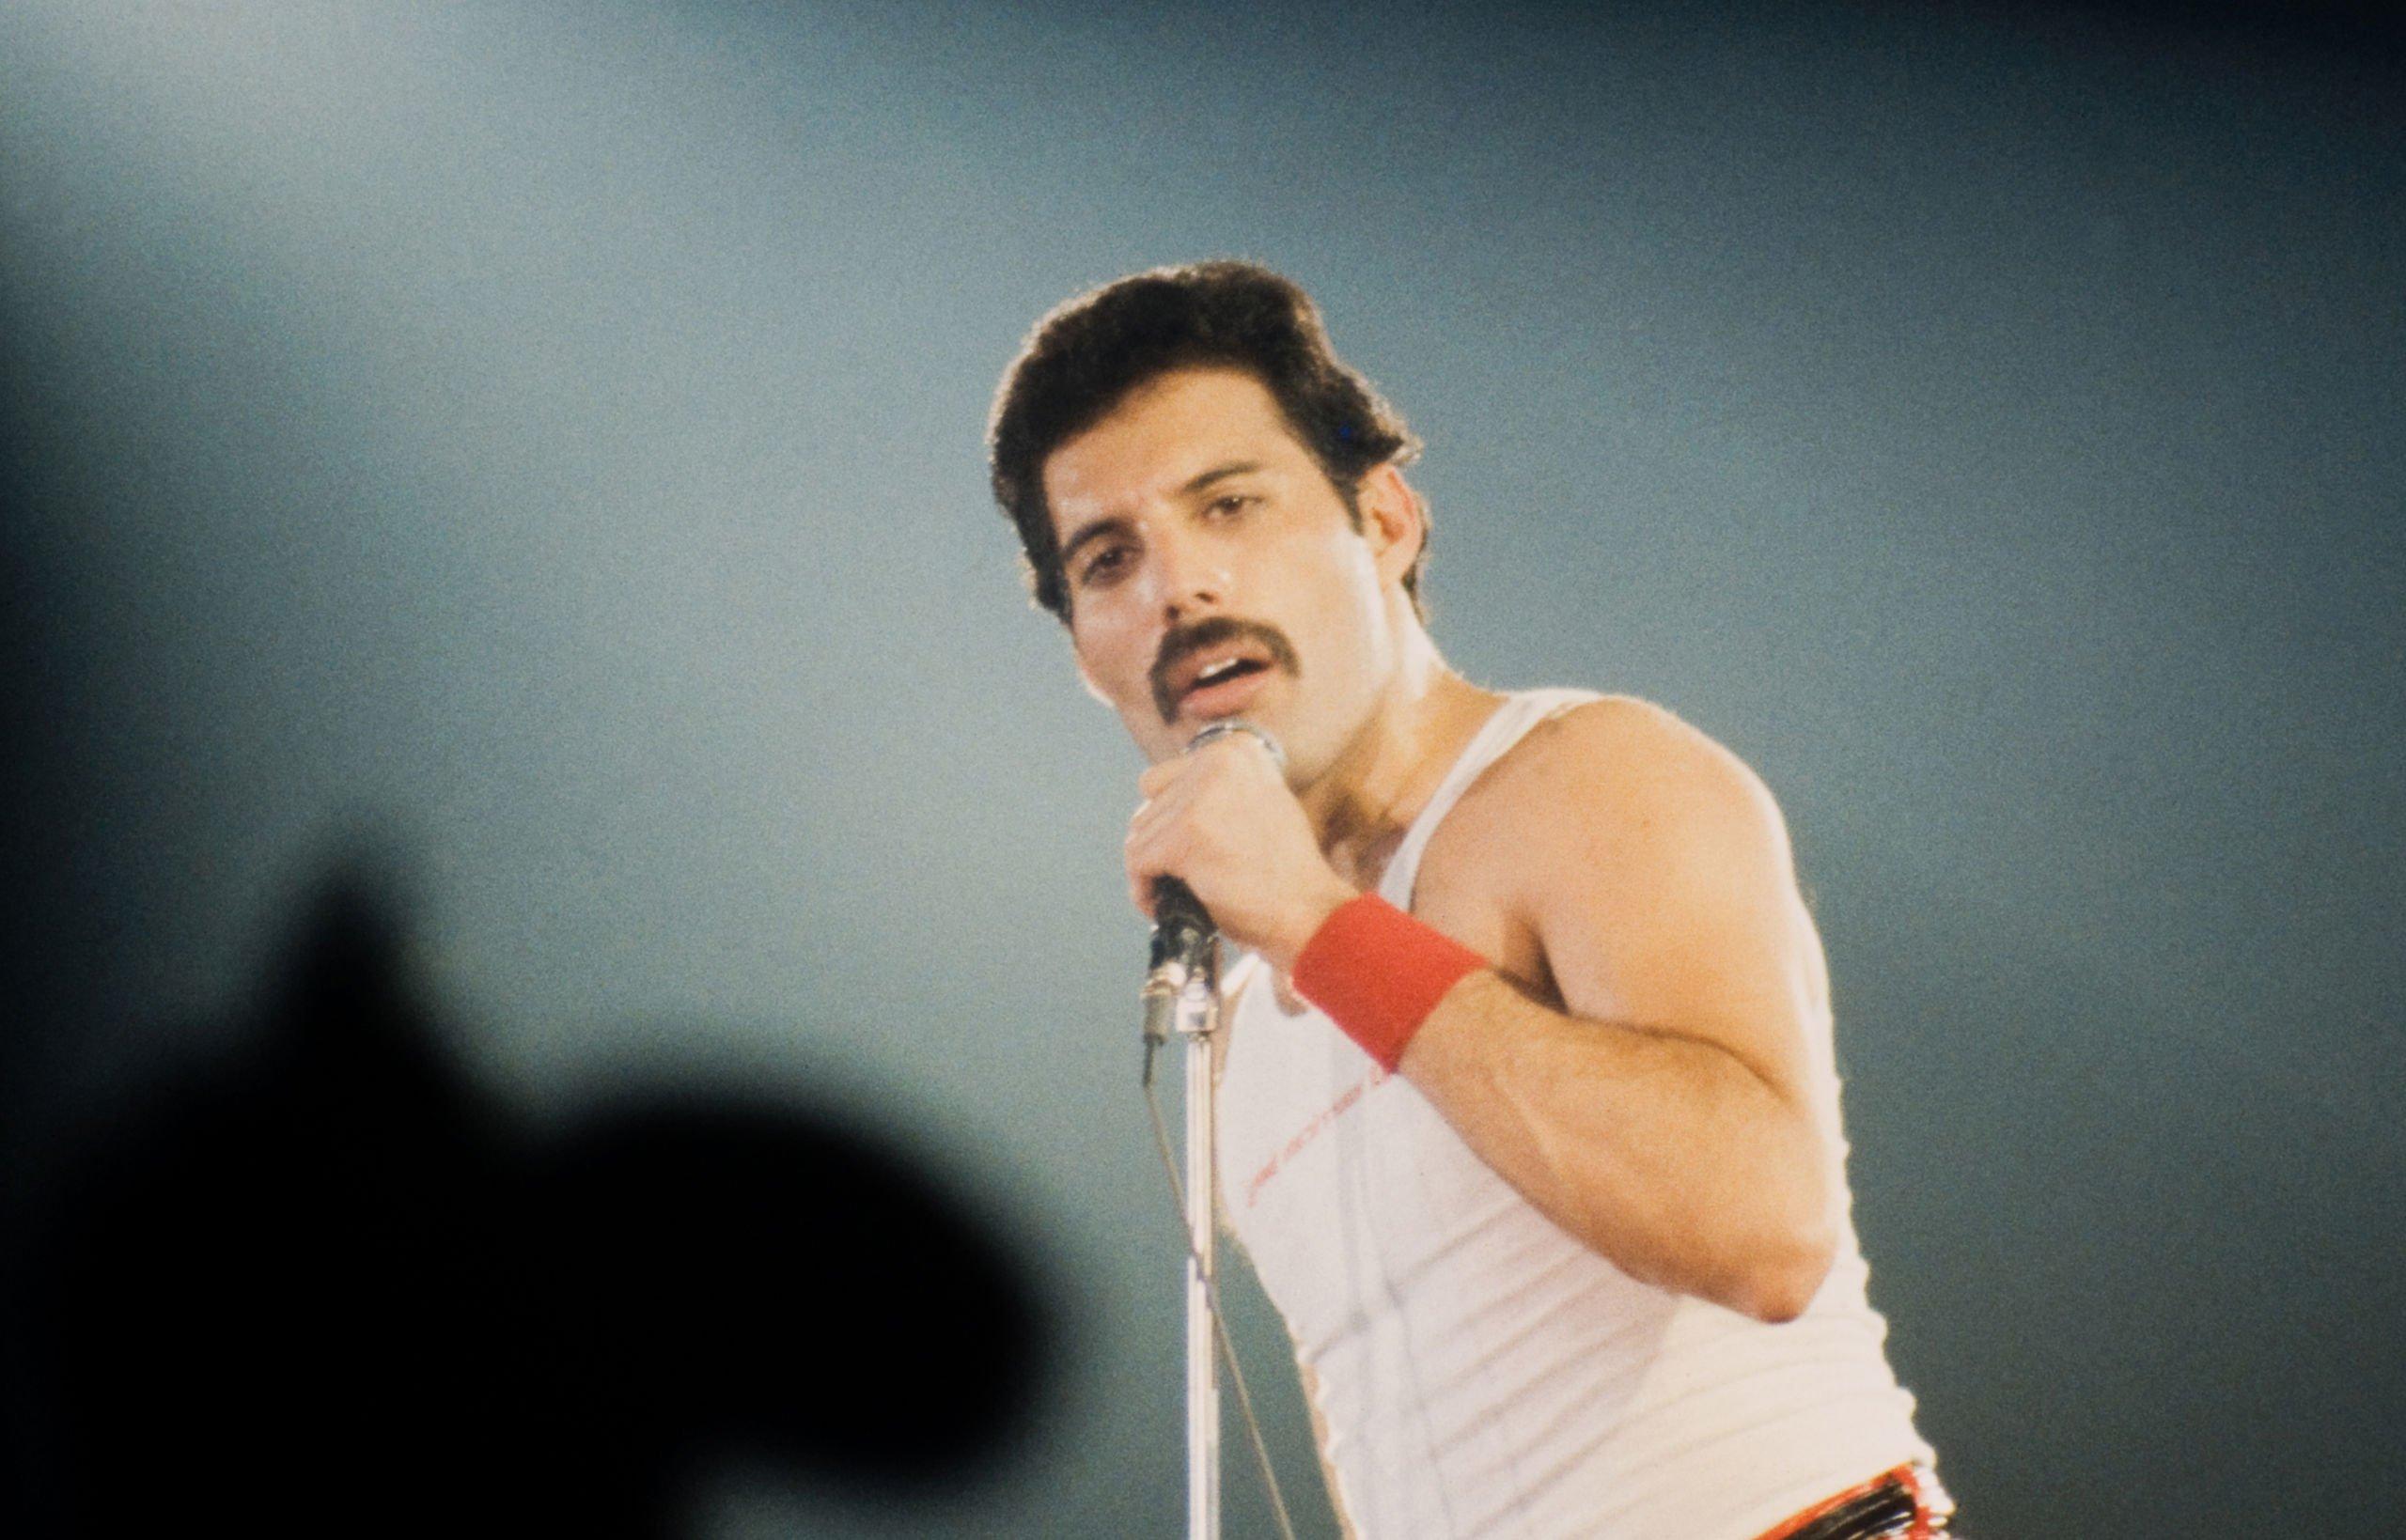 20 Zajimavych Veci Ktere Jste Nevedeli O Freddiem Mercurym